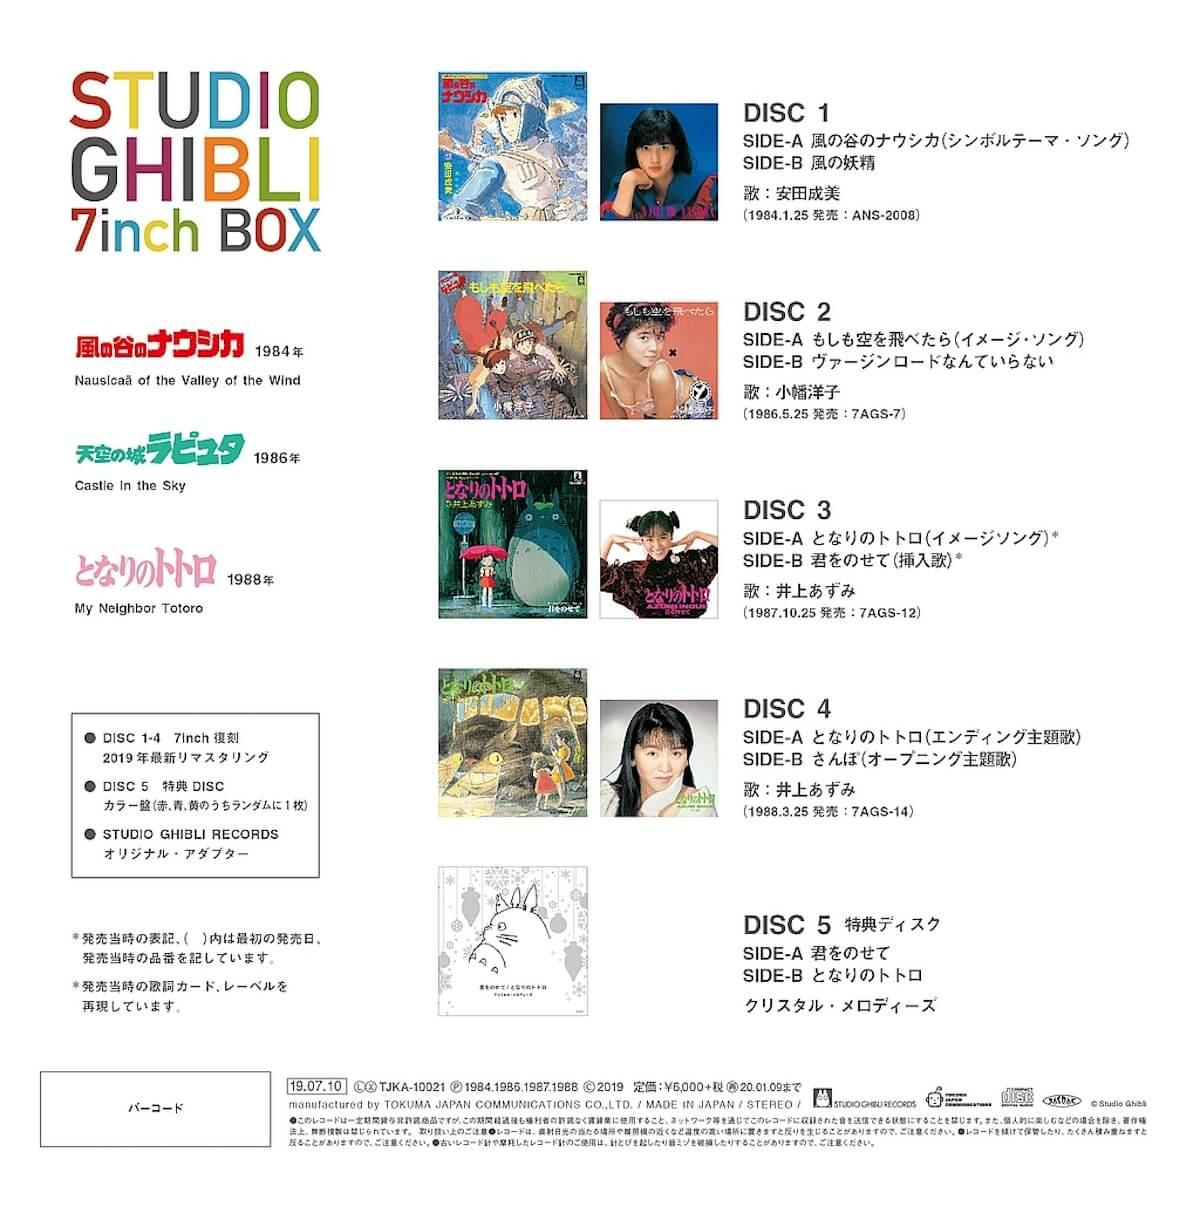 「天空の城ラピュタ」「となりのトトロ」など、スタジオジブリの主題歌が7インチレコードで完全復刻 music190528-ghibli-2-1